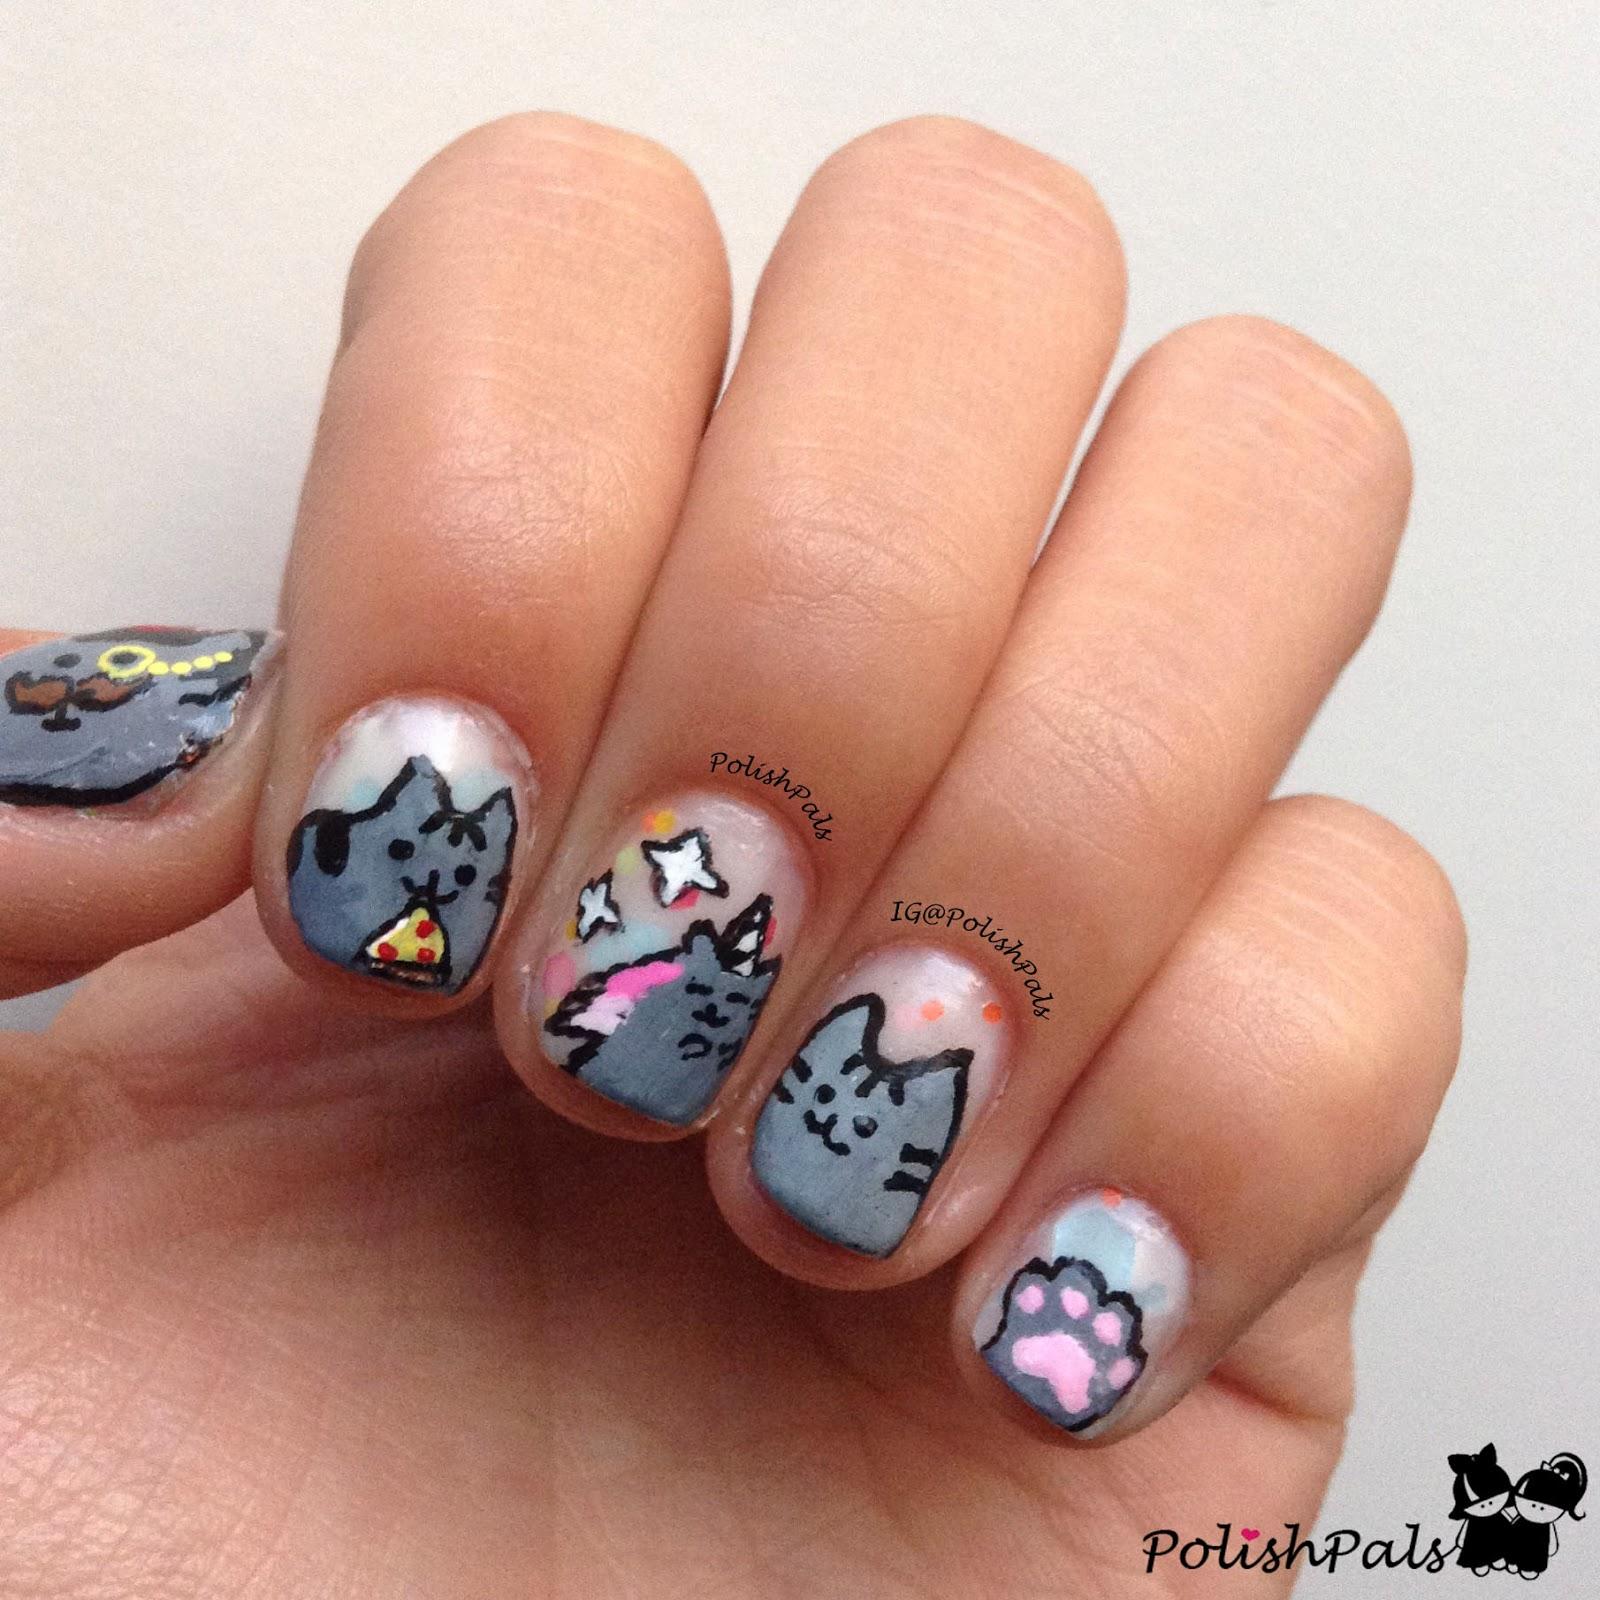 Polish Pals: Pusheen Nails